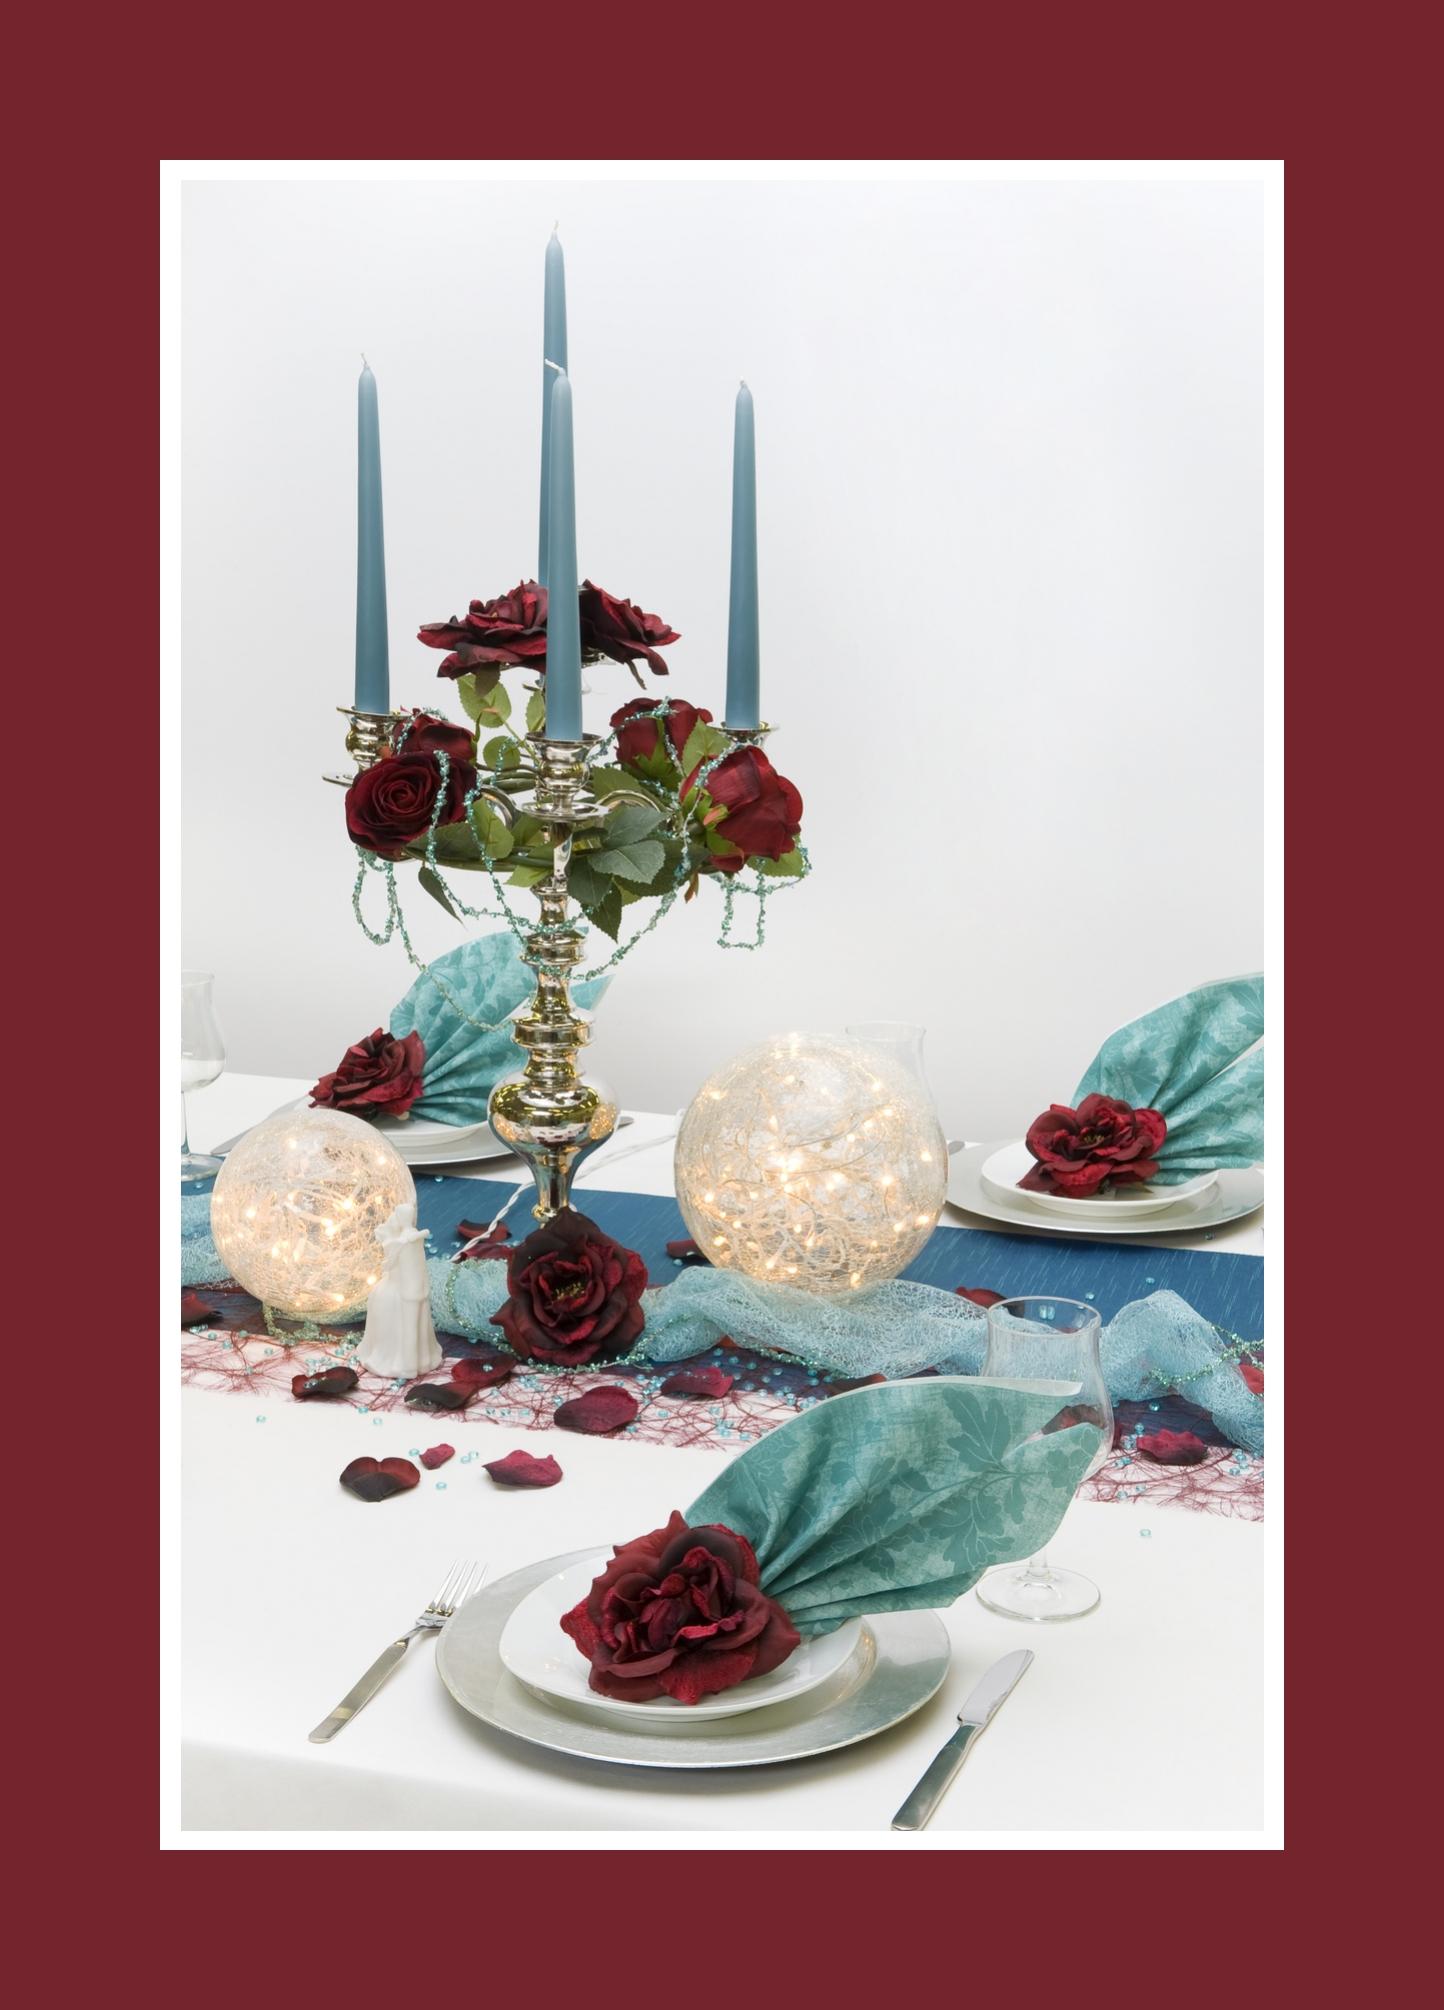 Edle Kerzendeko mit Rosen